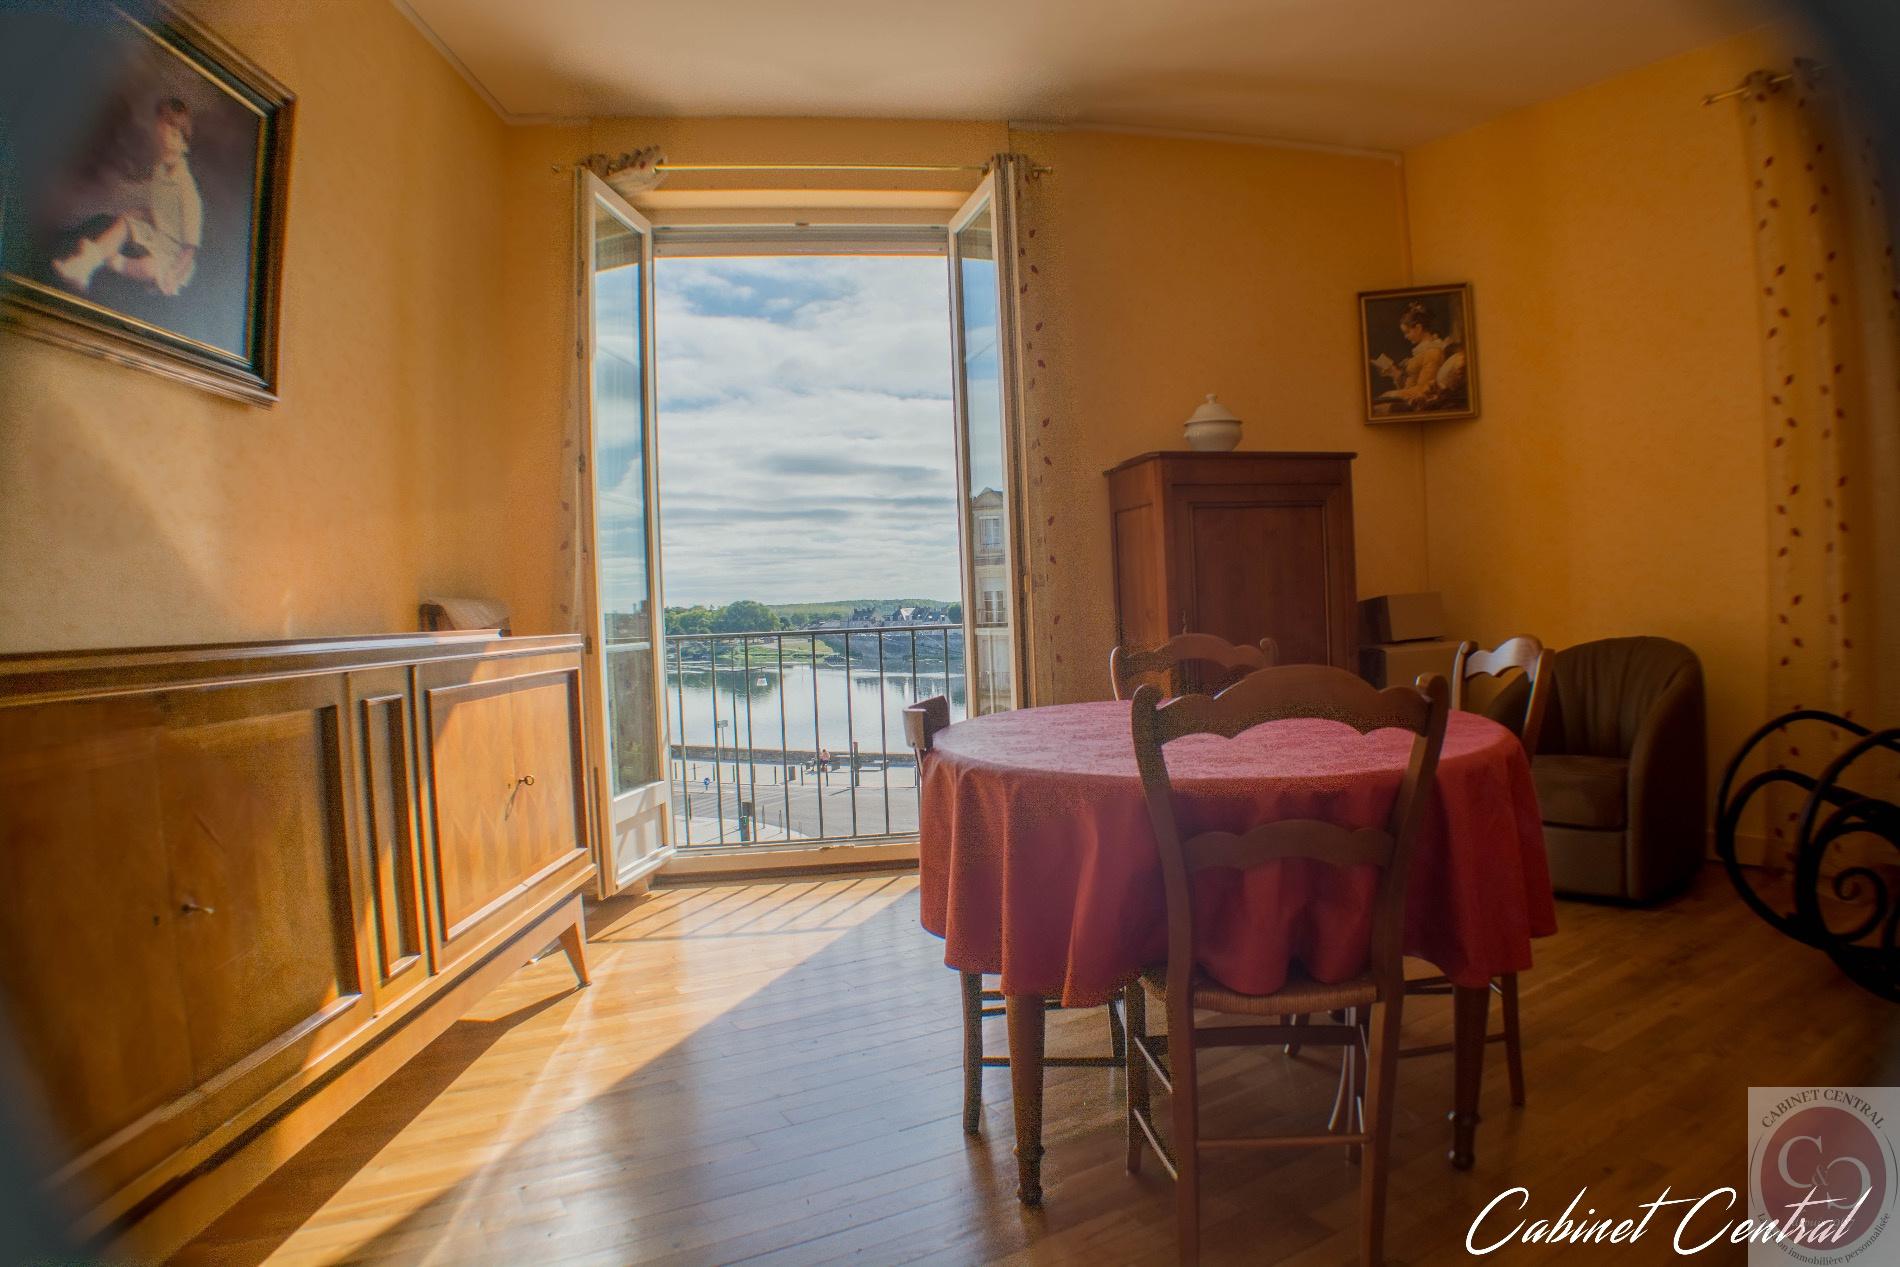 Vente appartement de type 2 avec magnifique vue sur loire dans le centre ville de blois - Garage rebaud st victor sur loire ...